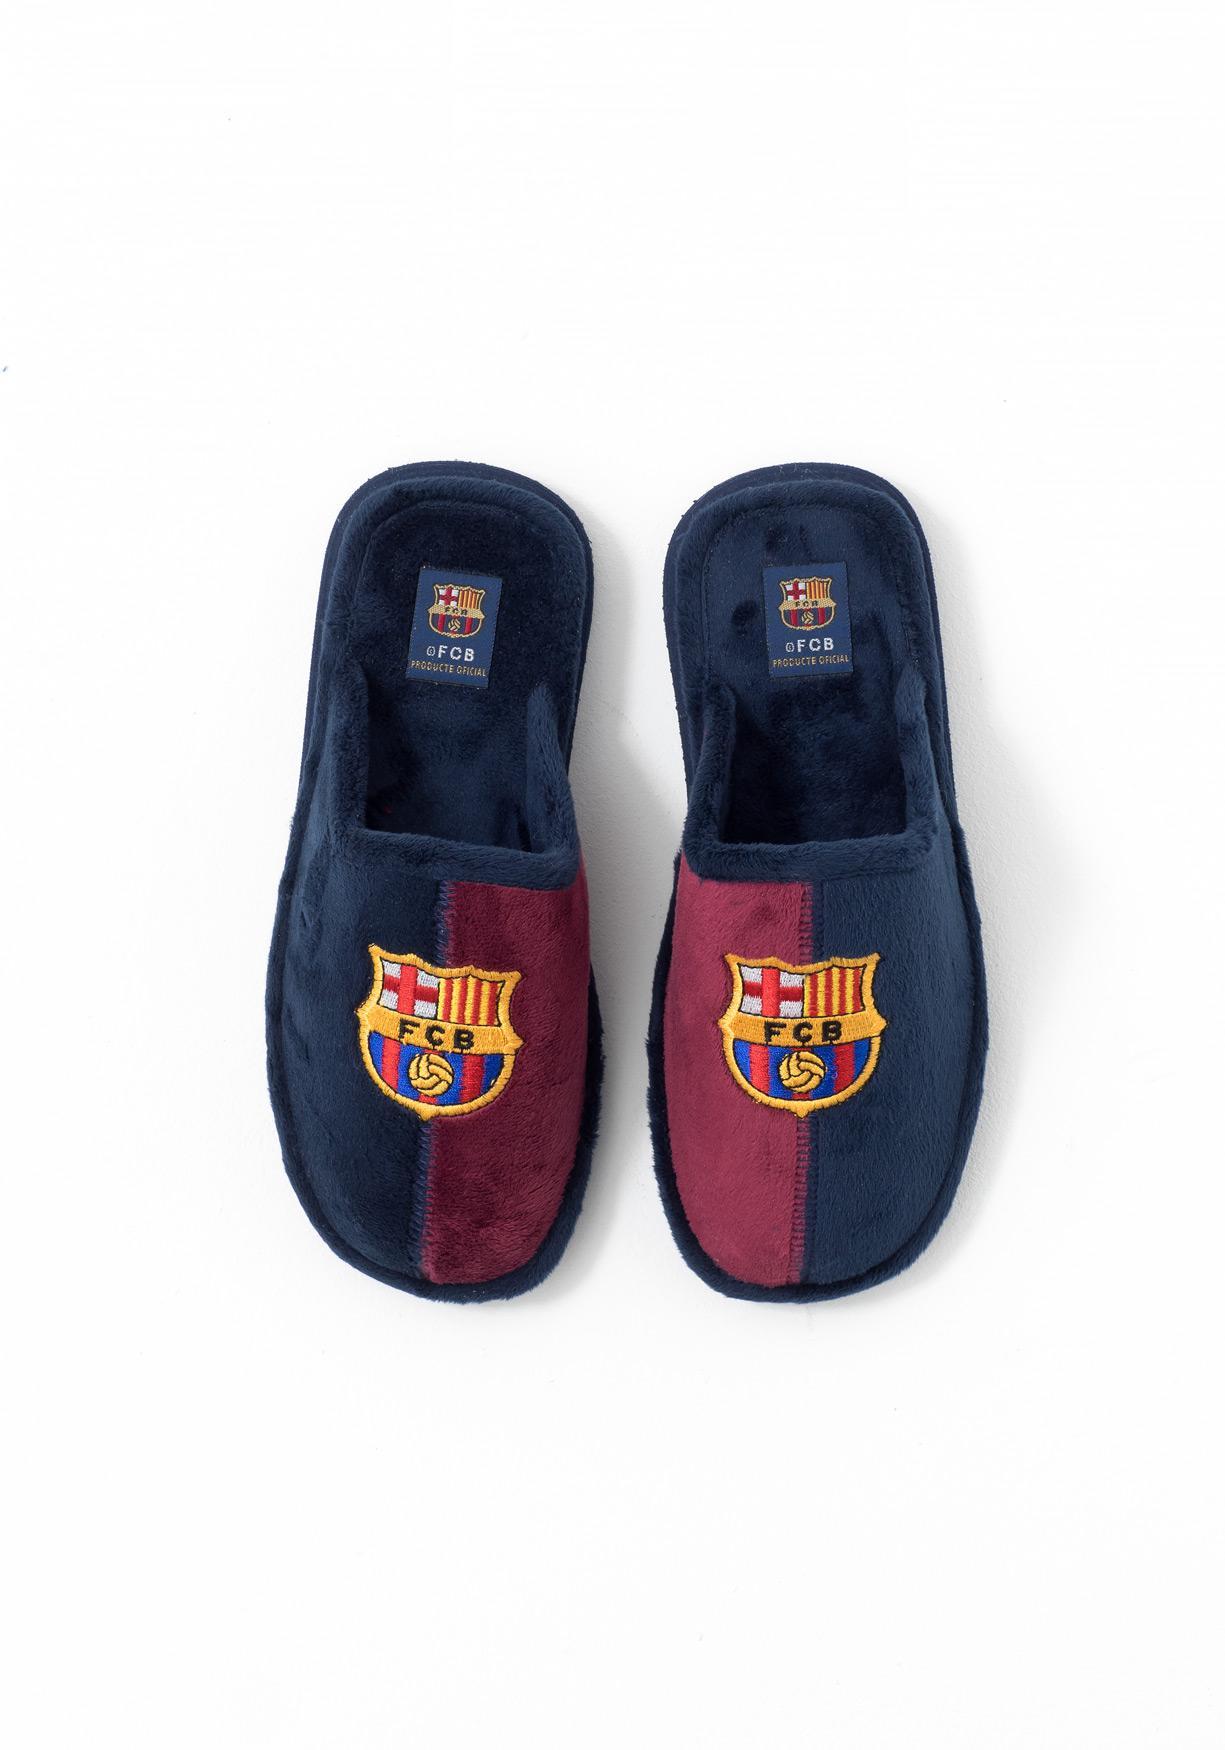 2eb4d11f Comprar Zapatillas de estar por casa con escudo futbol bordado ...